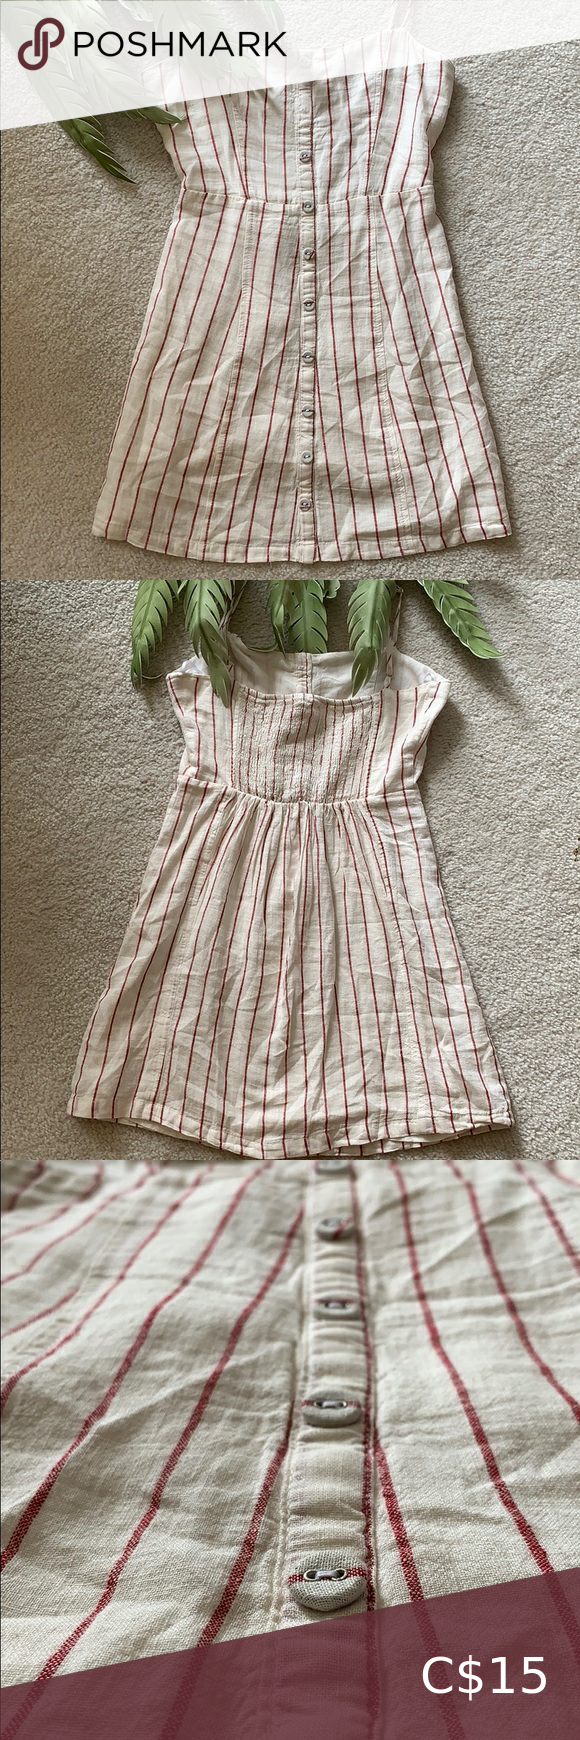 Linen Summer Dress Summer Linen Dresses Summer Dresses Society Dress [ 1740 x 580 Pixel ]